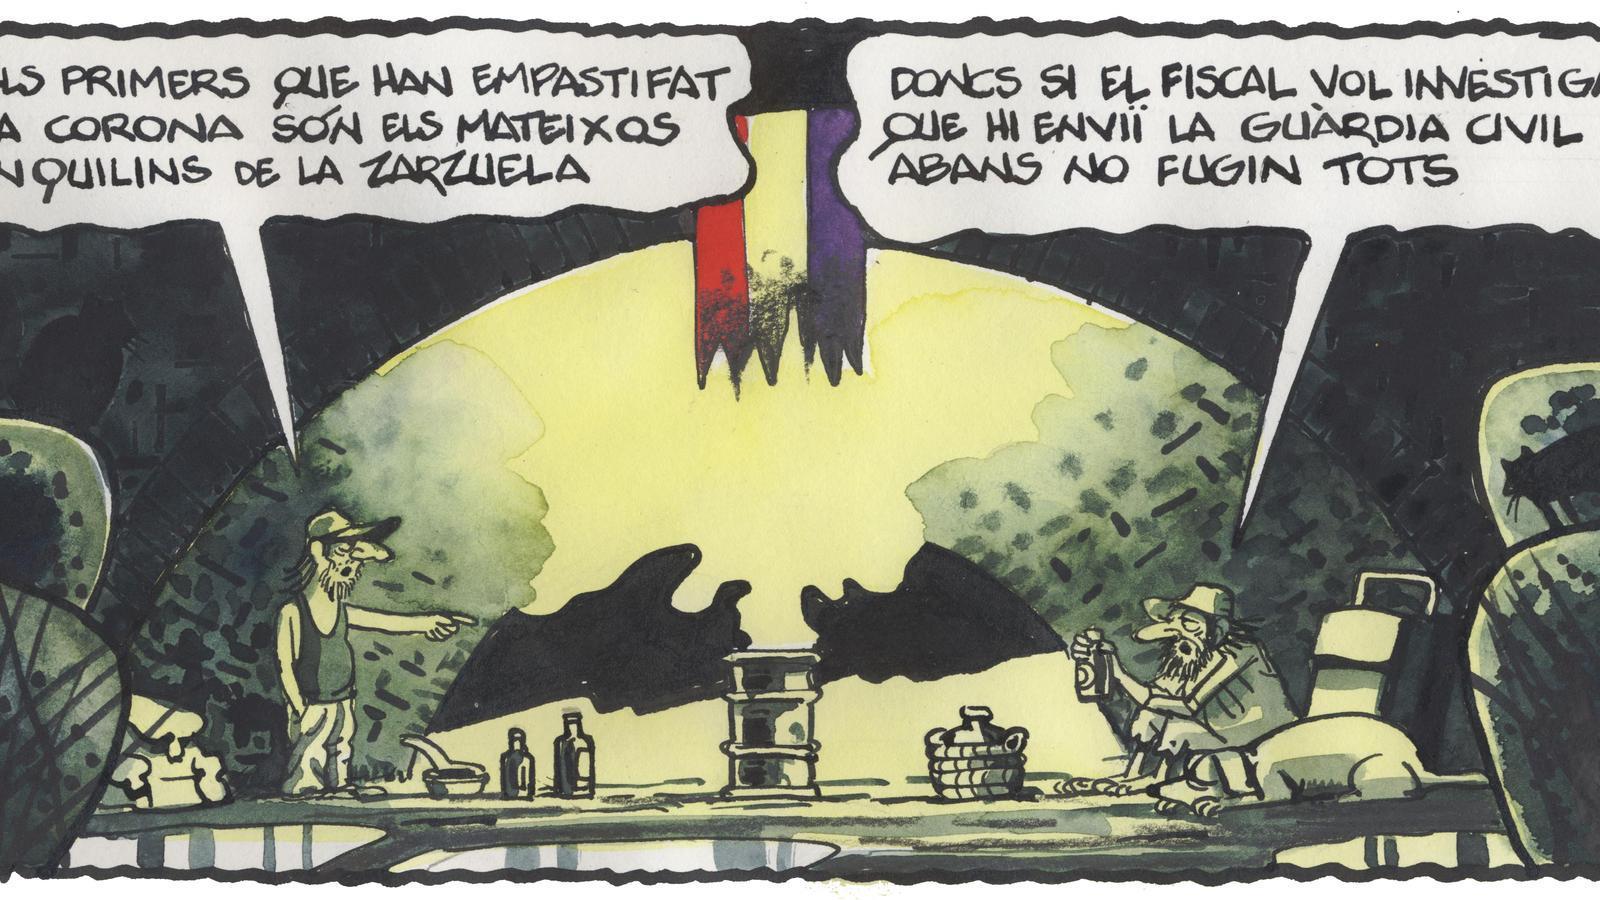 'A la contra', per Ferreres 15/08/2020